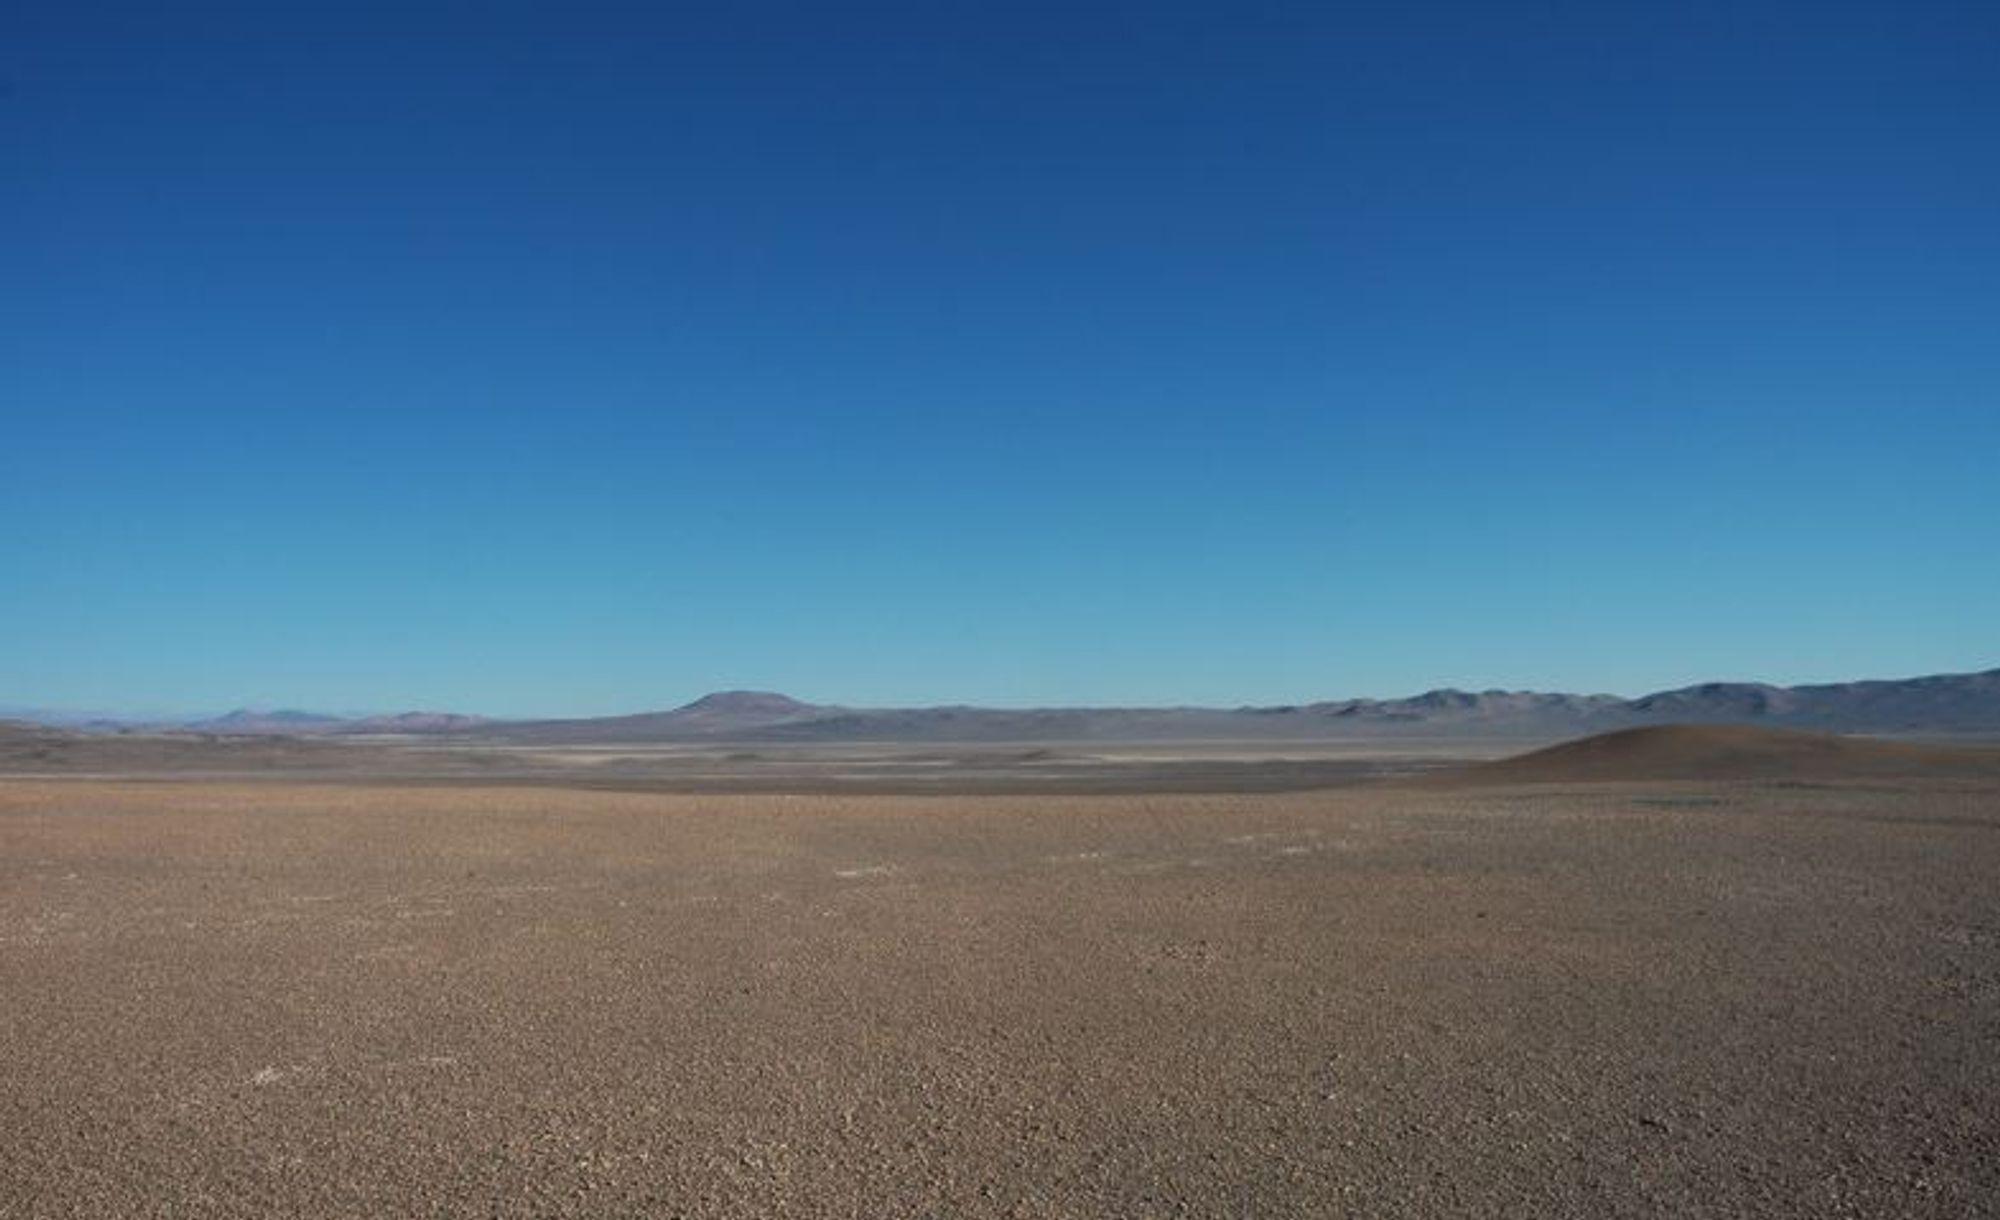 Rekordkontrakt: Atacama-ørkenen har verdens høyeste solinnstråling, og er svært godt egnet for solkraftanlegg. Nylig ble det satt prisrekord for kraftkontrakter for et anlegg som ennå ikke er bygget.